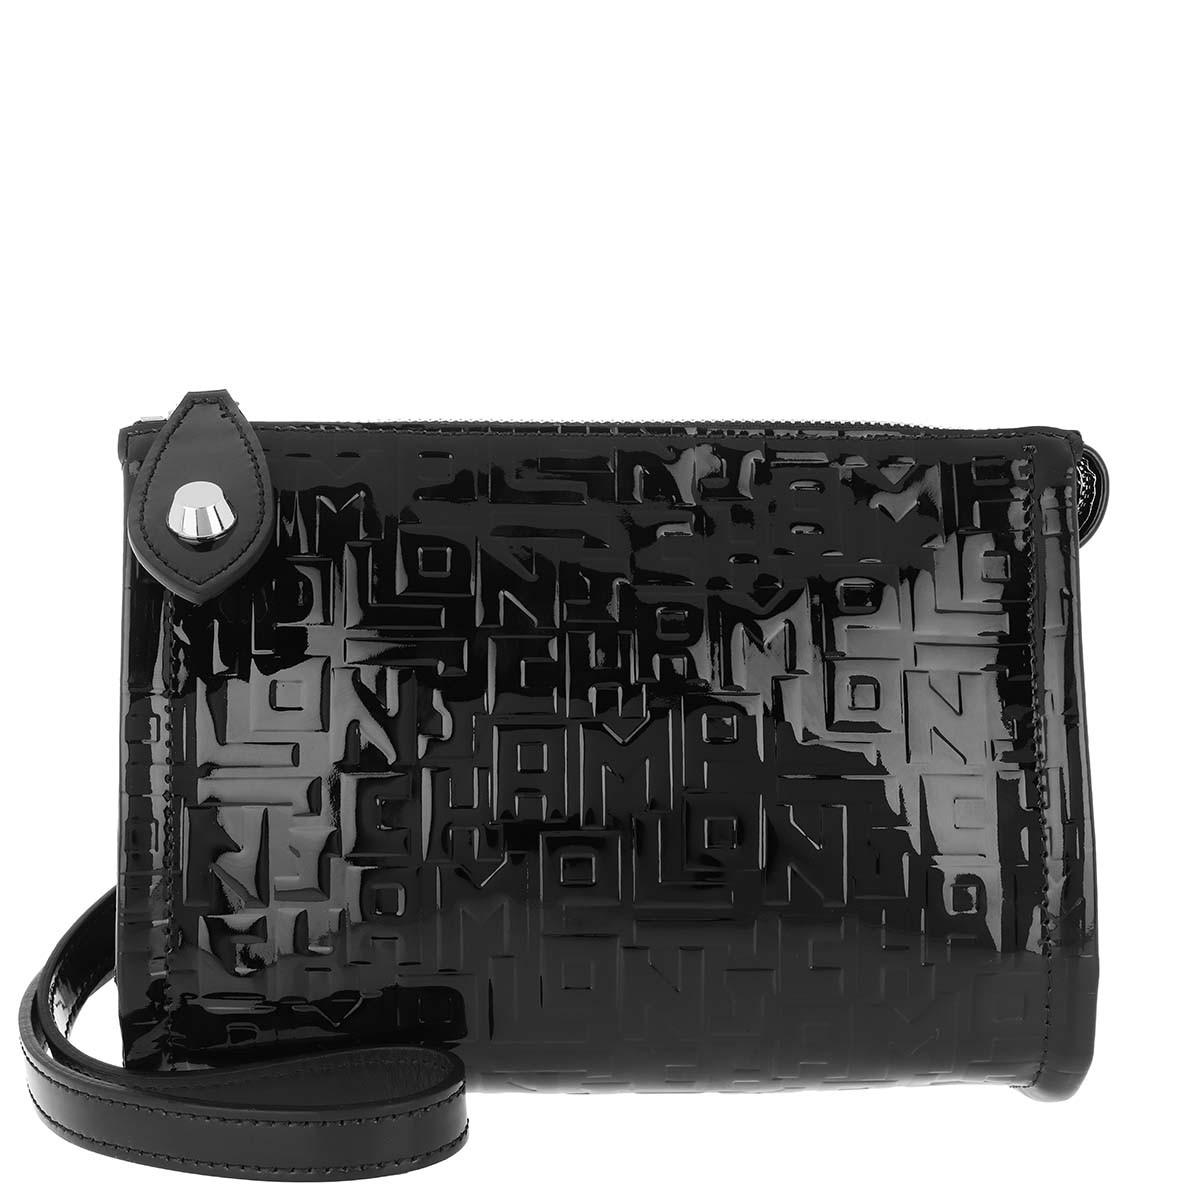 Longchamp Umhängetasche - La Voyageuse Crossbody Bag Black - in schwarz - für Damen